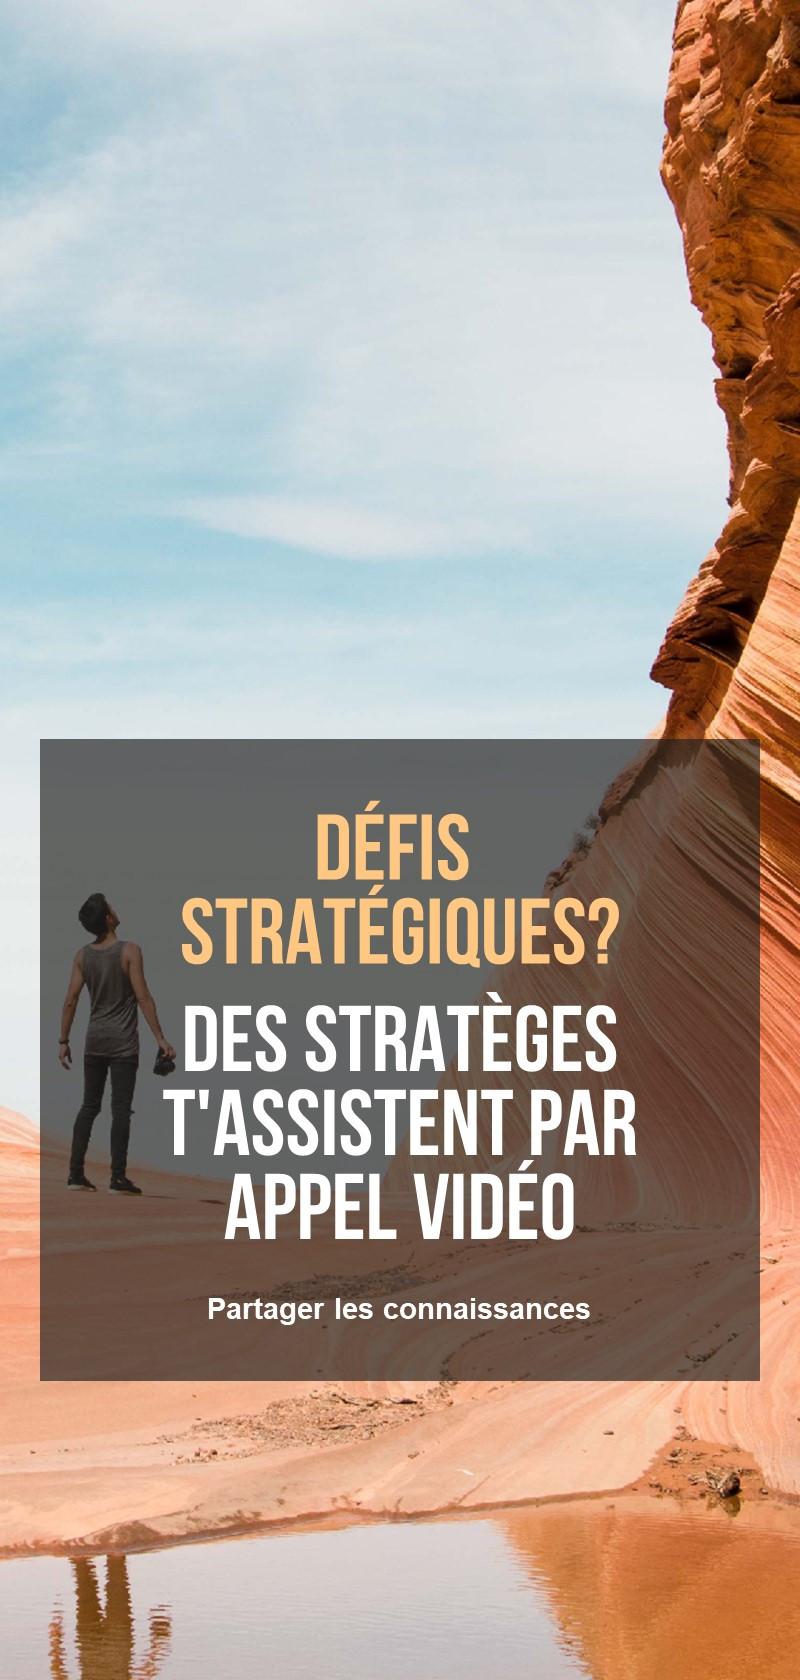 Conseil stratégique en affaires